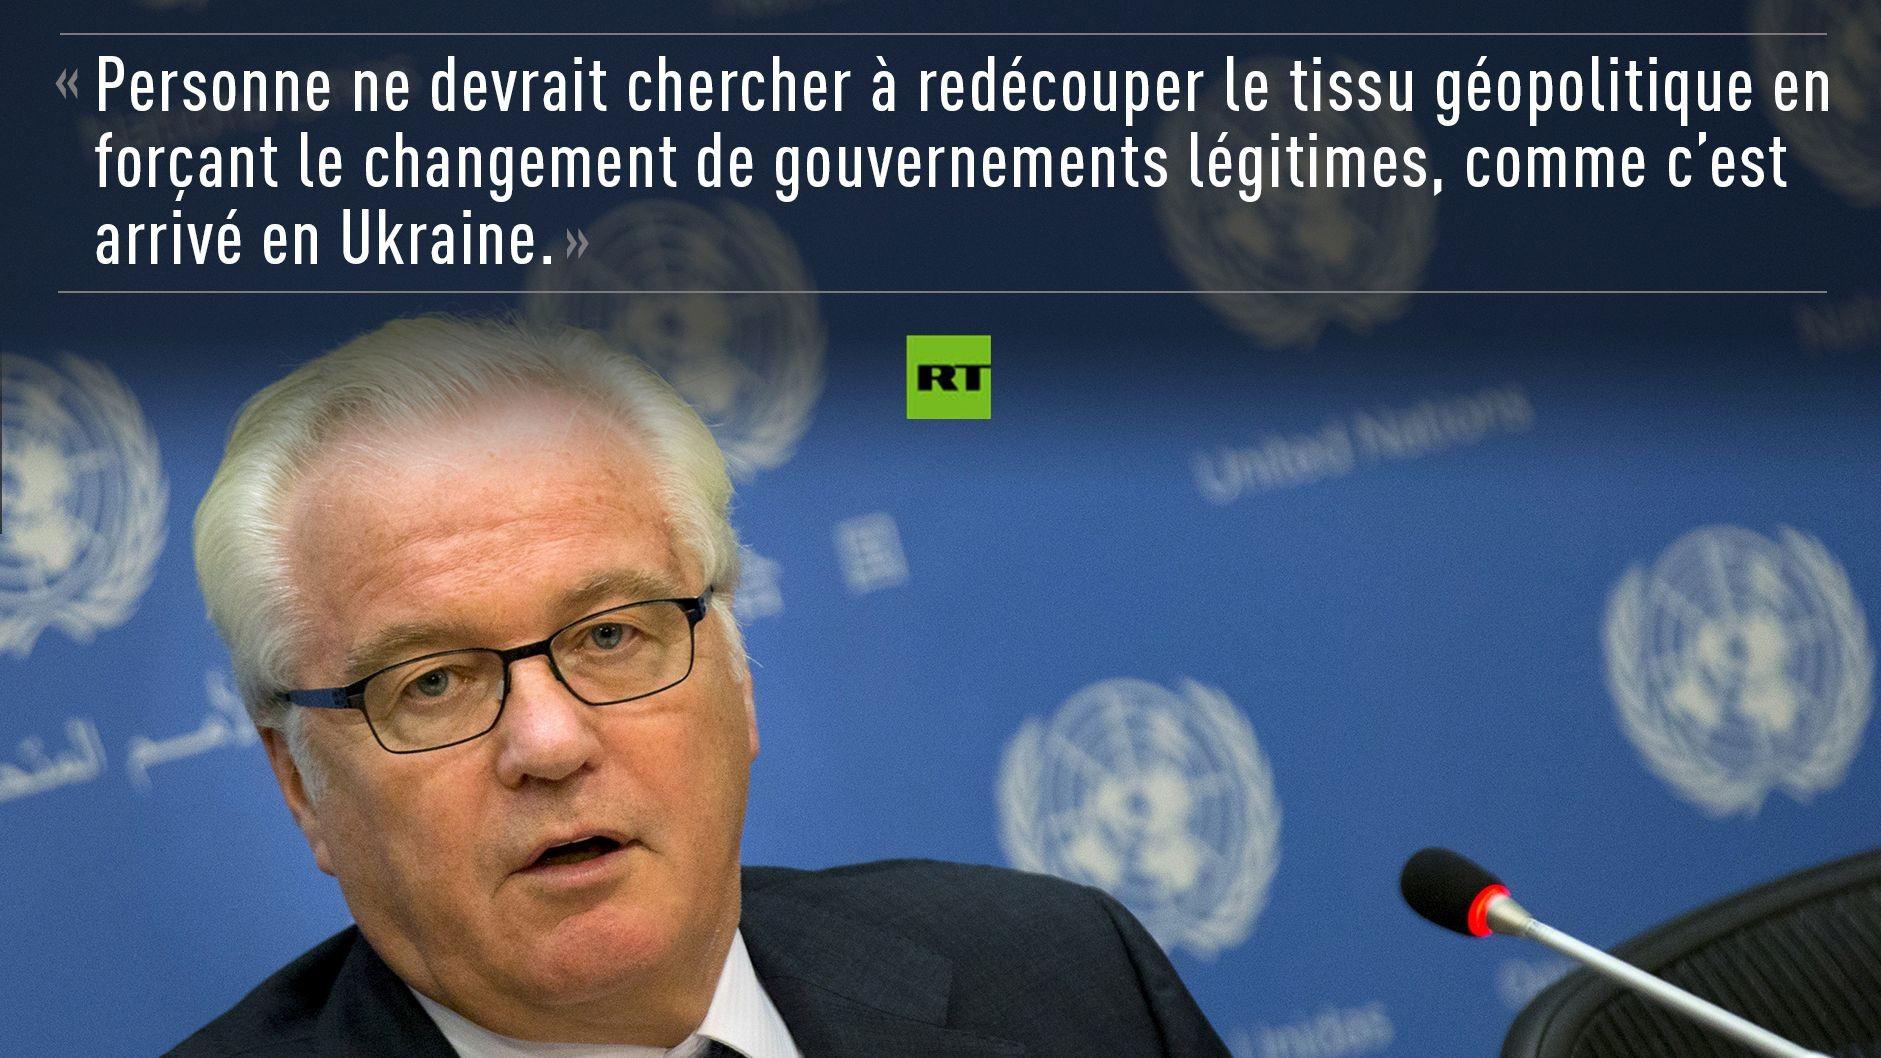 «Toujours à la recherche d'armes irakiennes ?» Les meilleures répliques de Vitali Tchourkine à l'ONU